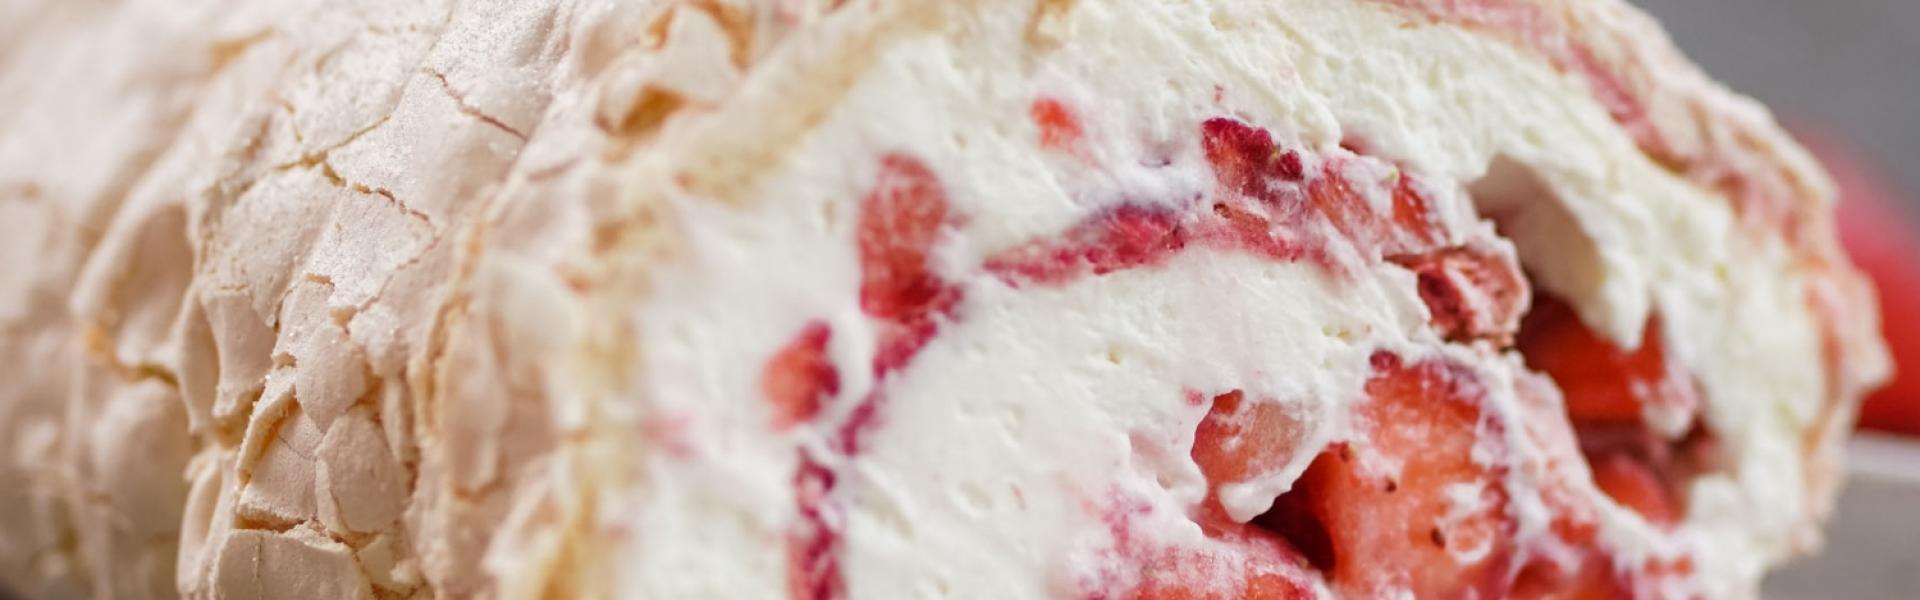 Angeschnittene Baiserrolle mit Erdbeeren